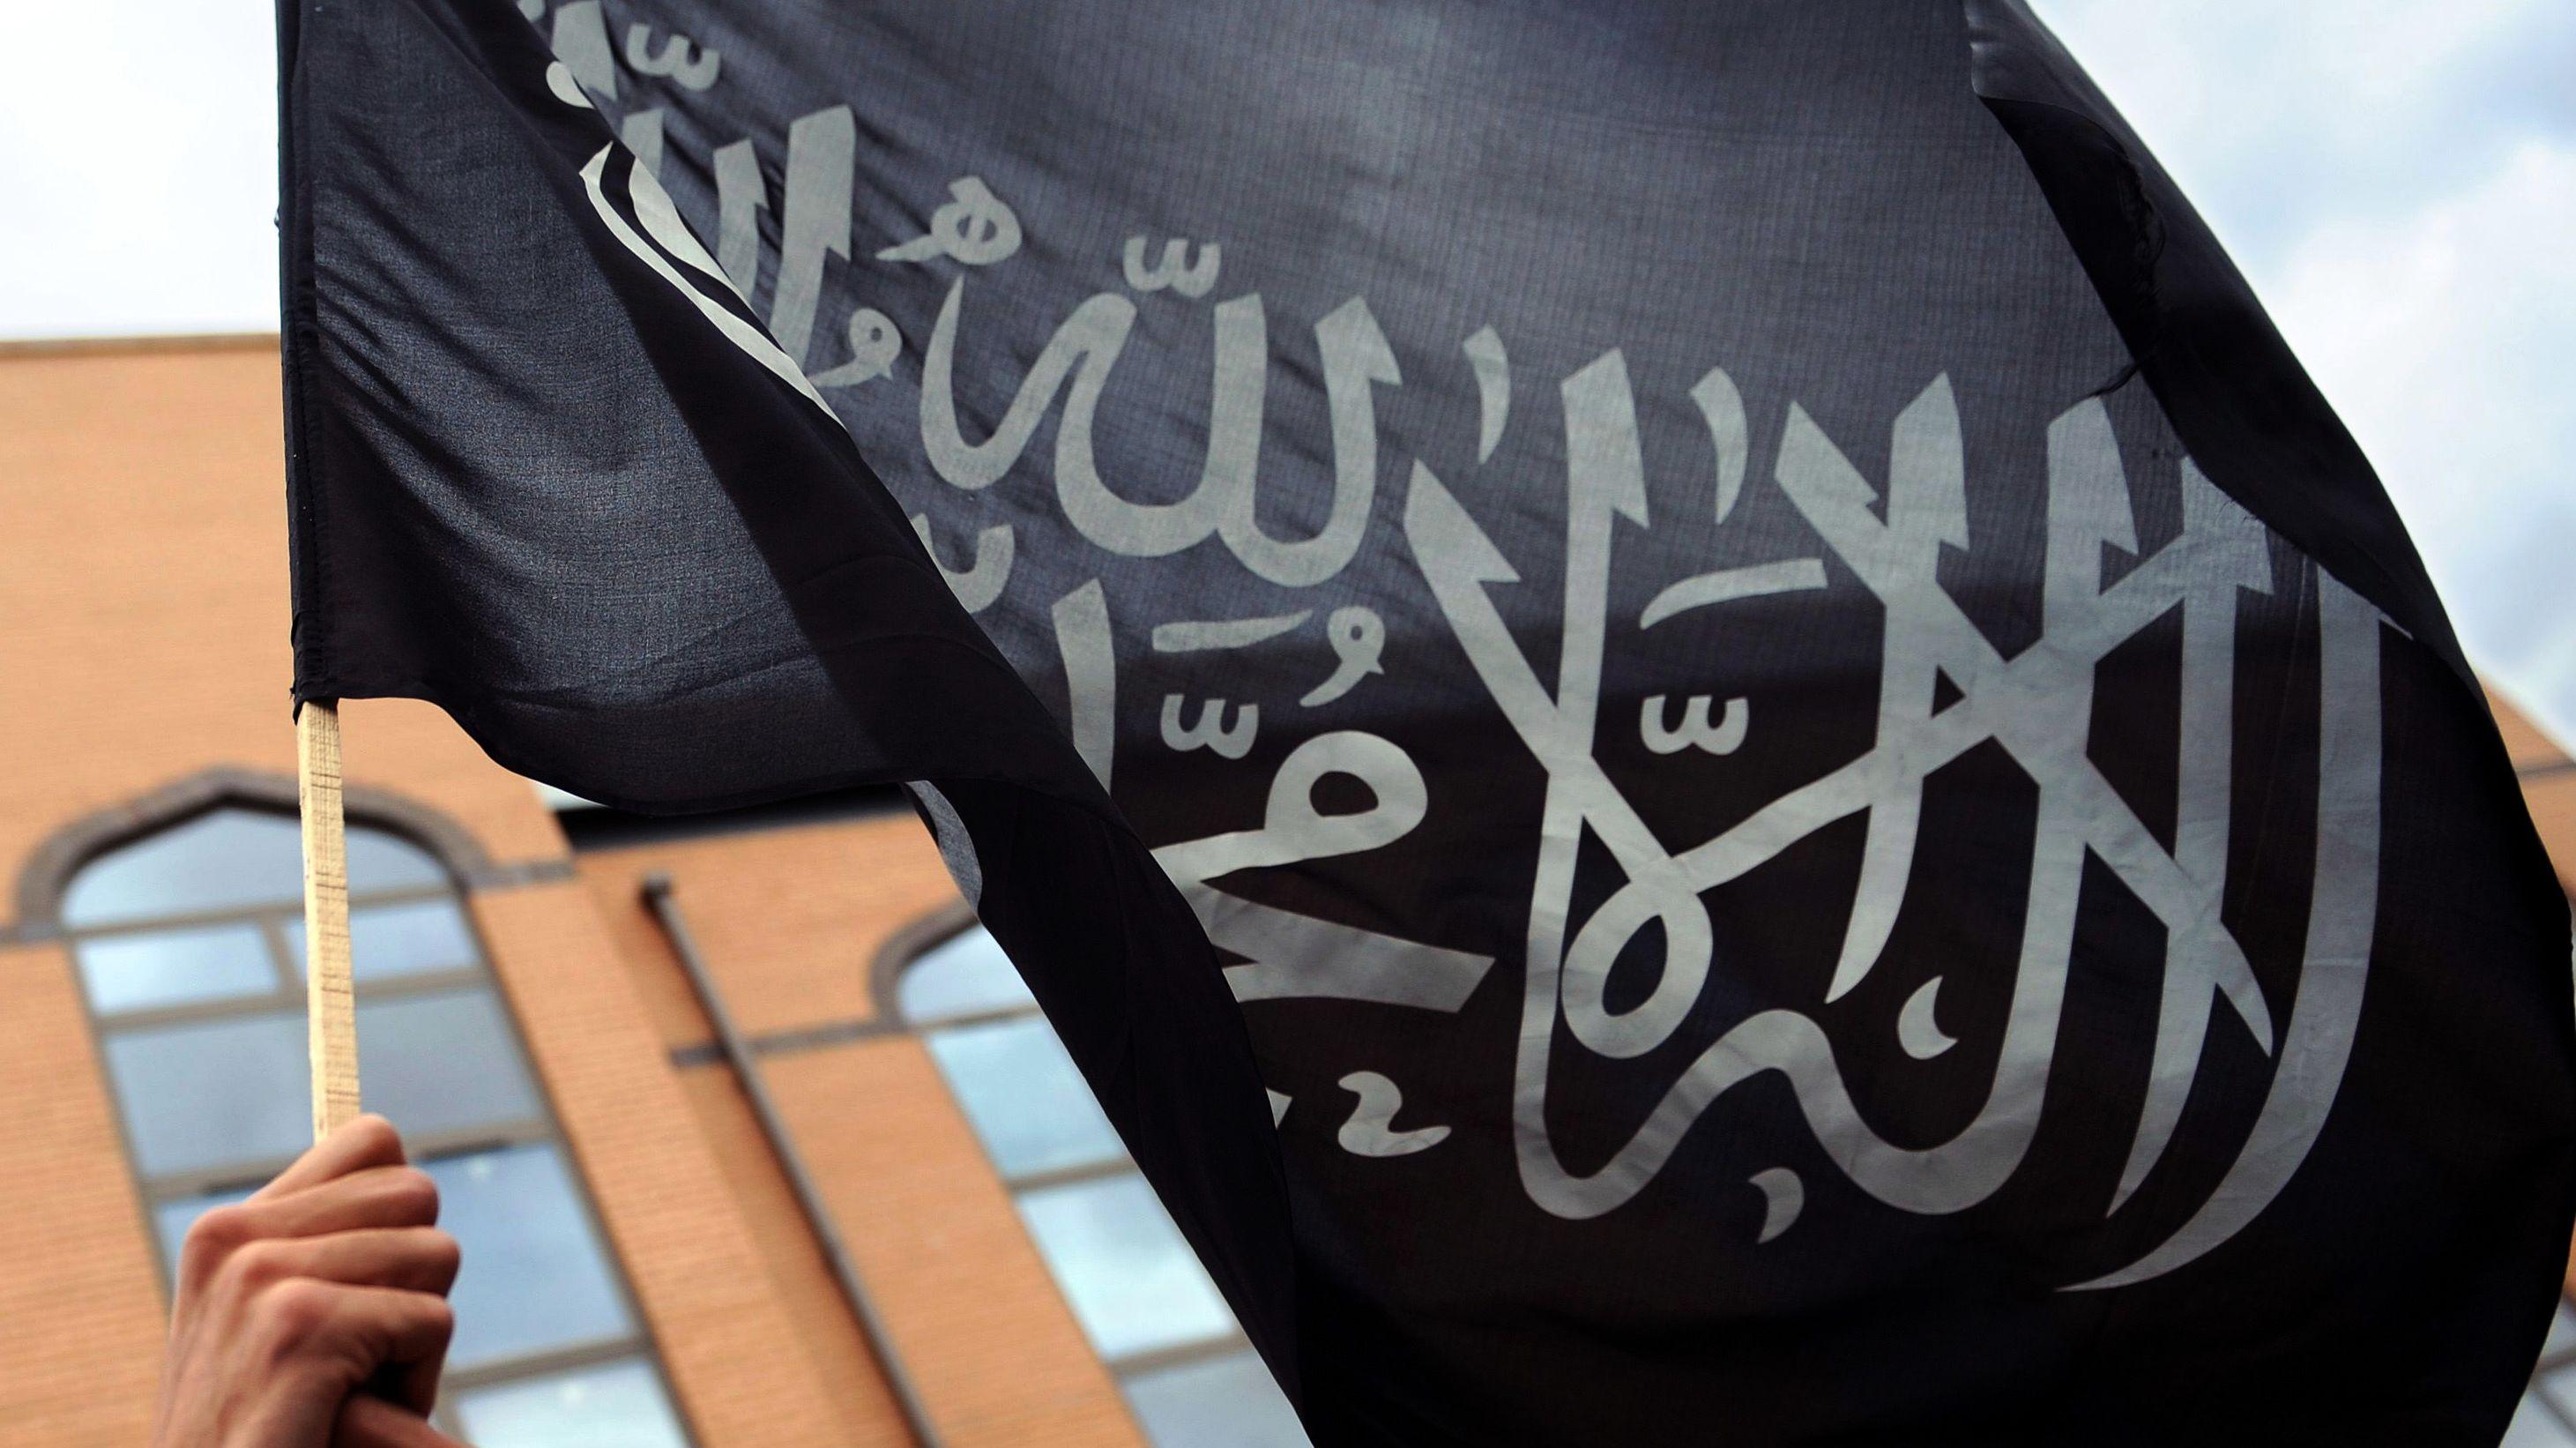 Ein britischer Muslim hält am 11.12.2009 bei einer Demonstration vor der Harrow Moschee eine islamische Fahne mit dem Glaubensbekenntnis, der sogenannten Schahada in die Höhe. Auf der Flagge ist das islamische Glaubensbekenntnis in arabischer Kalligraphie «Es gibt keinen Gott außer Allah und Mohammed ist sein Prophet» zu sehen. Die Terrormiliz Islamischer Staat (IS) verwendet die Schahada auf schwarzem Grund und dem zusätzlich abgebildeten mutmaßlichen Siegel Mohammeds.